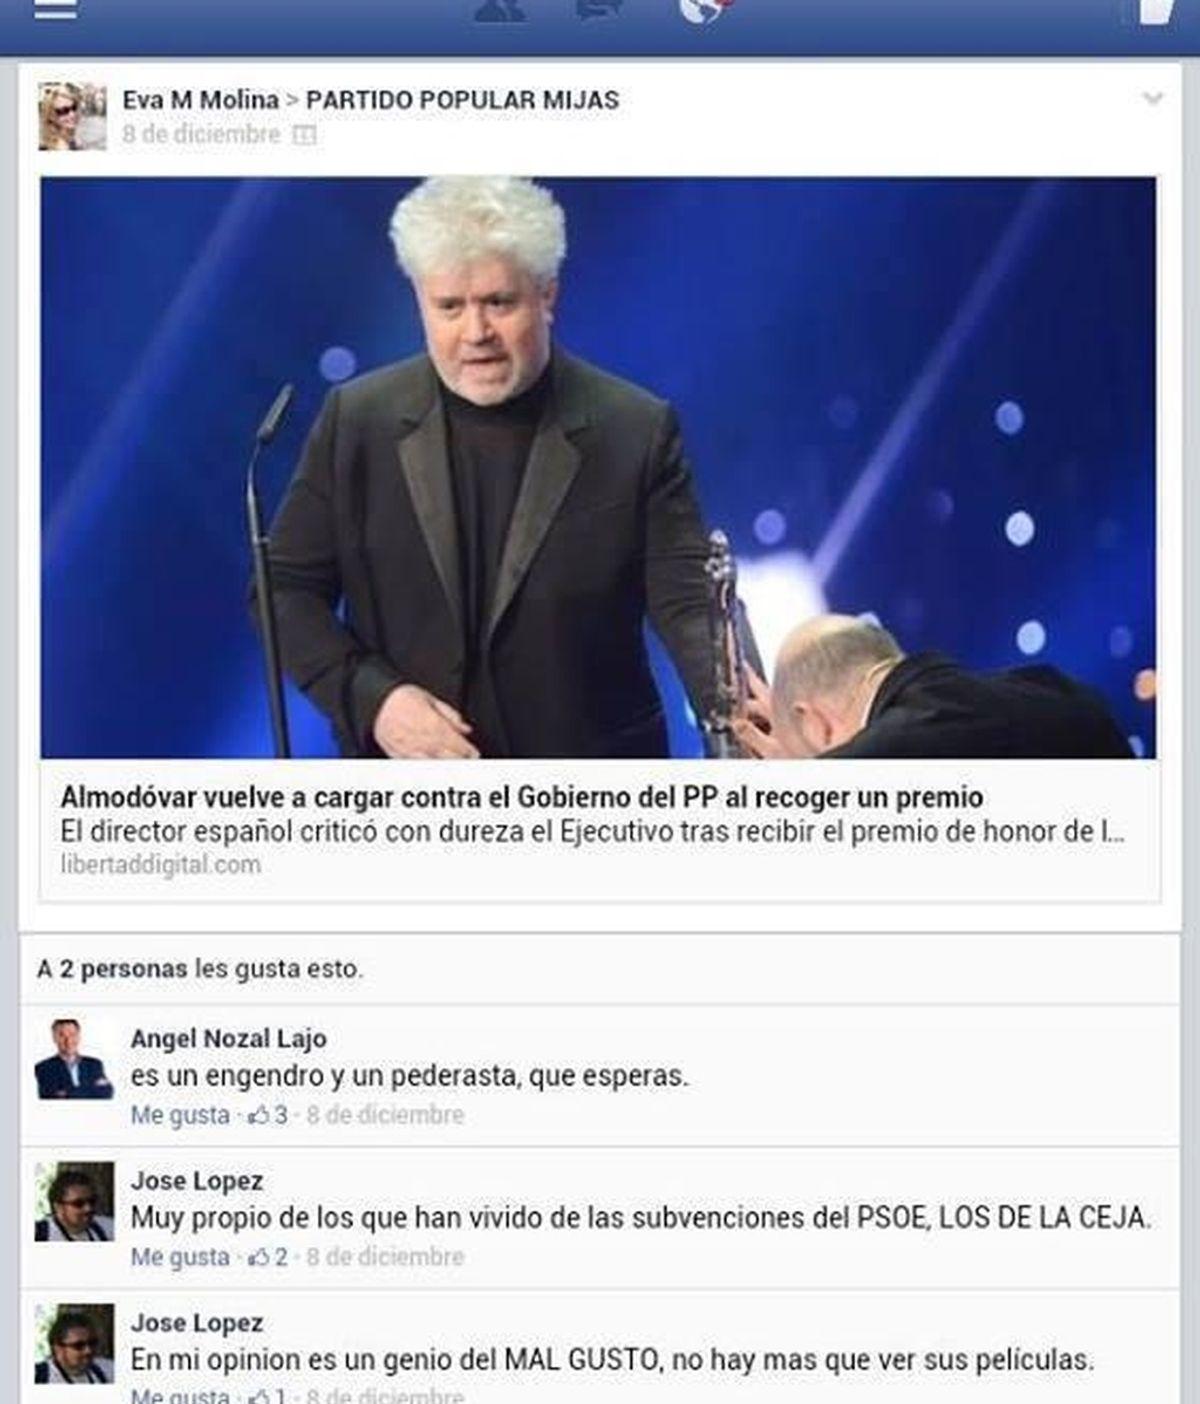 """El alcalde popular de Mijas llama """"pederasta"""" a Almodóvar por criticar al Gobierno"""